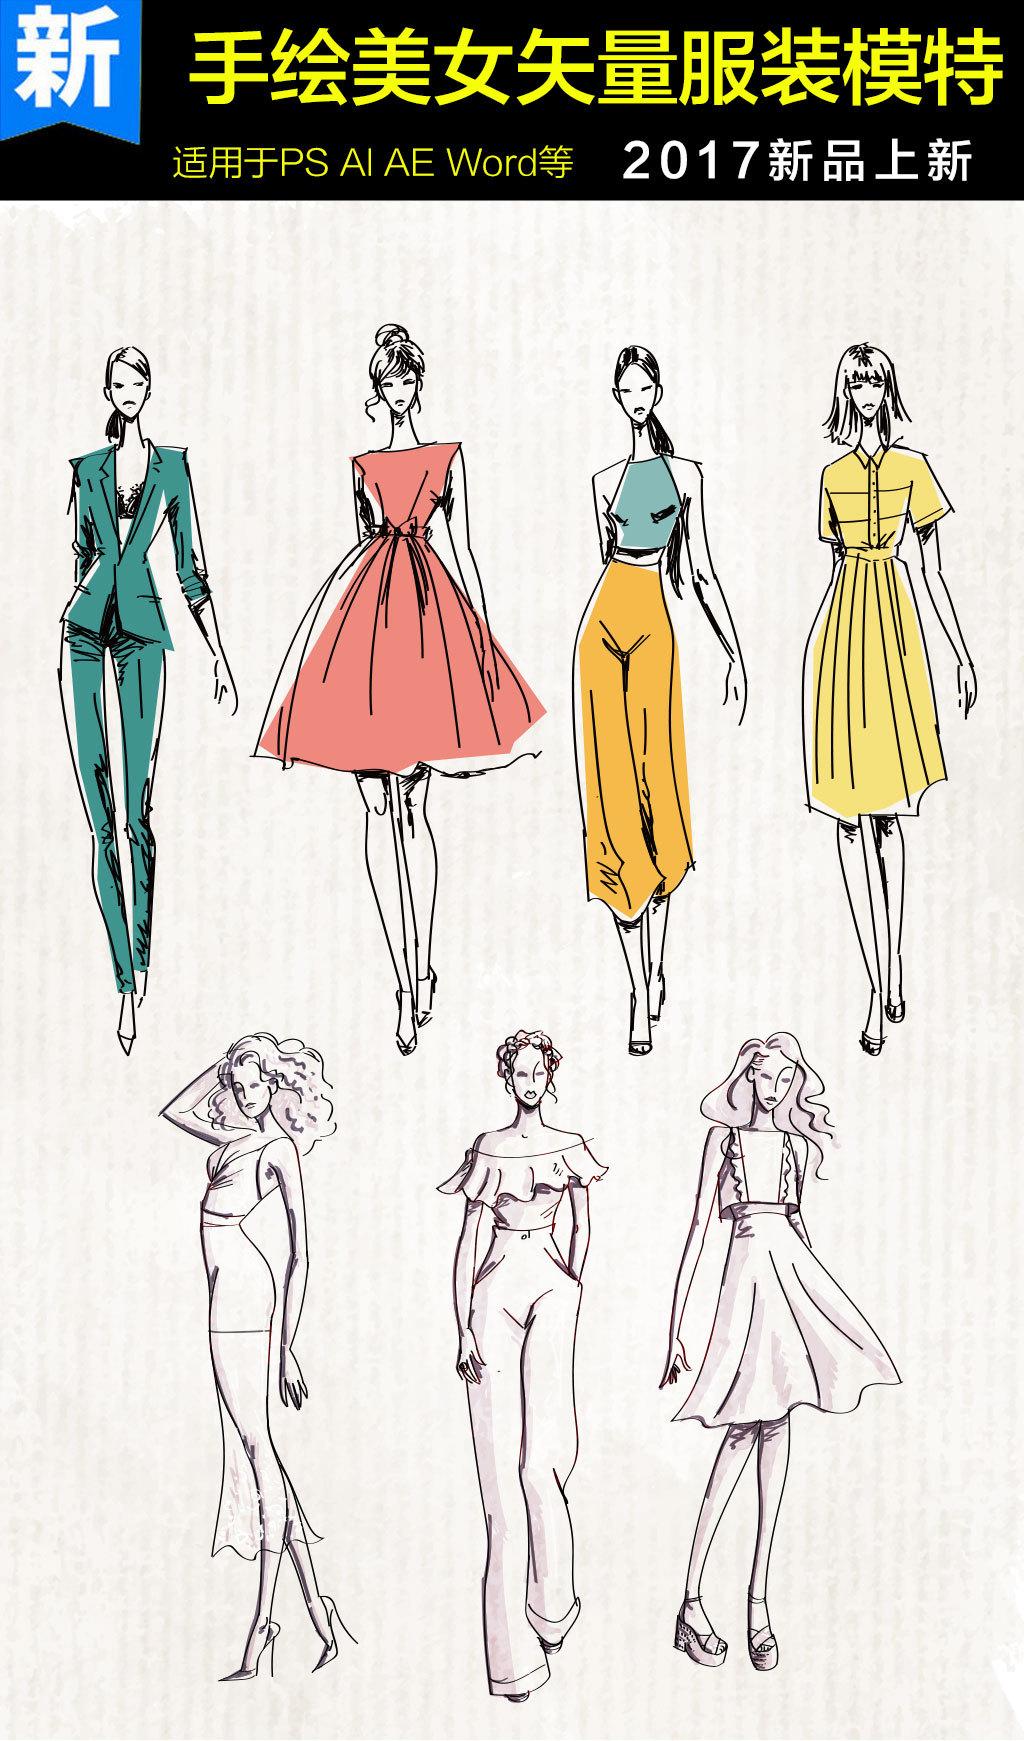 原创设计矢量手绘美女服装模特